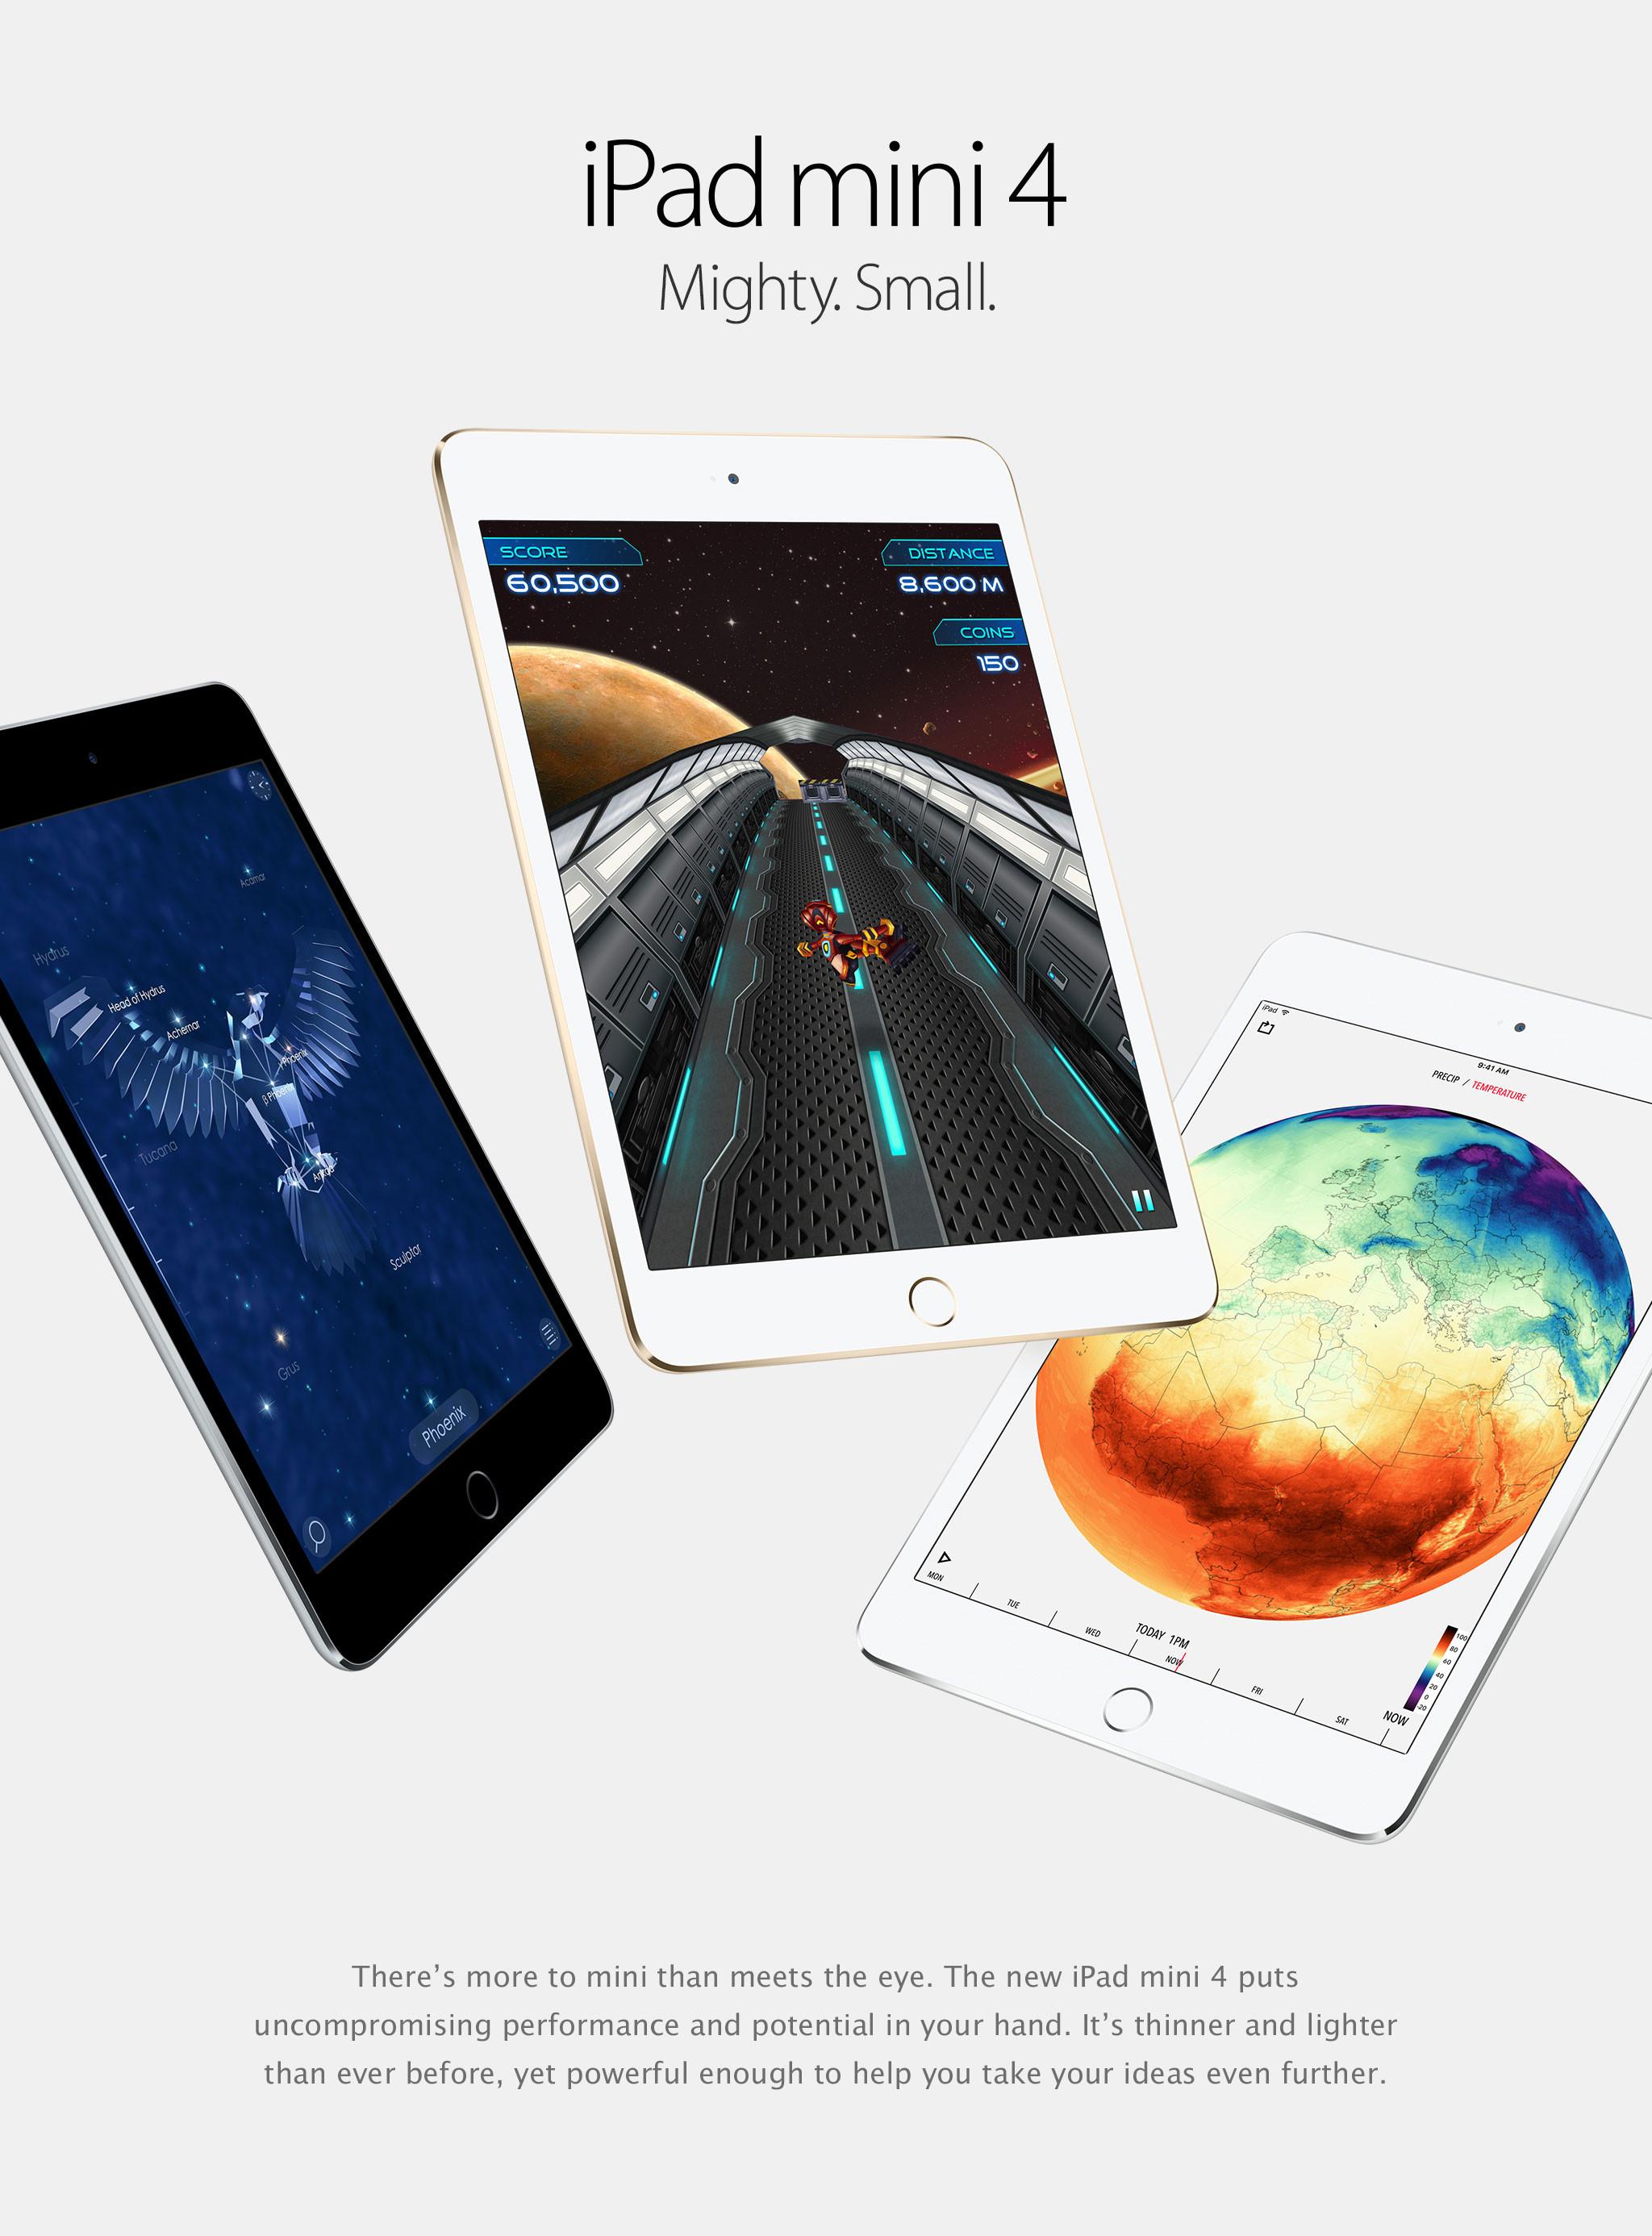 iPad mini 4. Poderoso. Pequeño. No solo su tamaño te sorprenderá. El nuevo iPad mini 4 te ofrece rendimiento y potencia increíbles, al alcance de tu mano. Es más delgado y liviano y lo suficientemente poderoso como para ayudarte a ser más productivo.